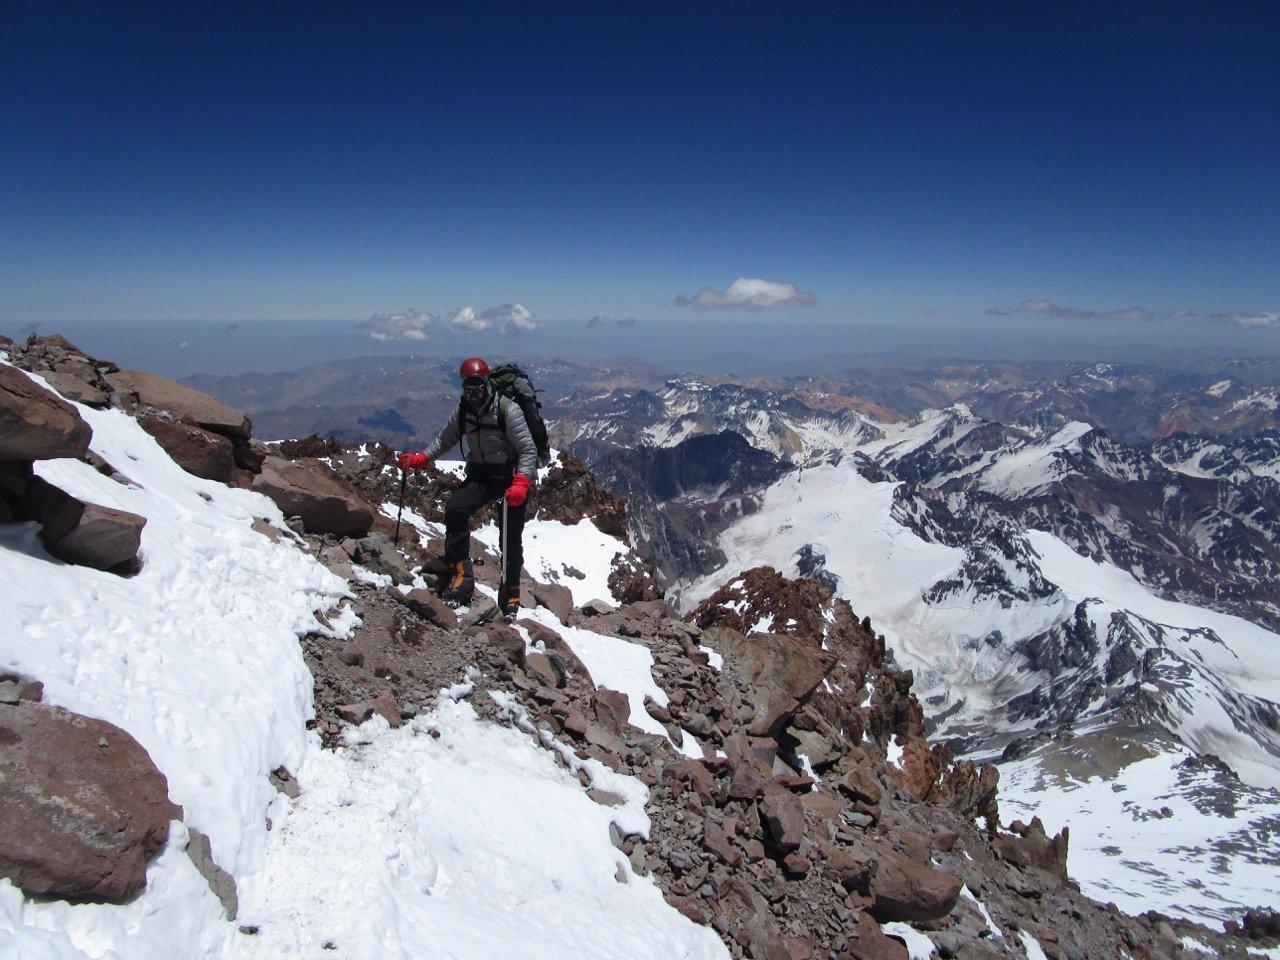 Close to Summit of Aconcagua